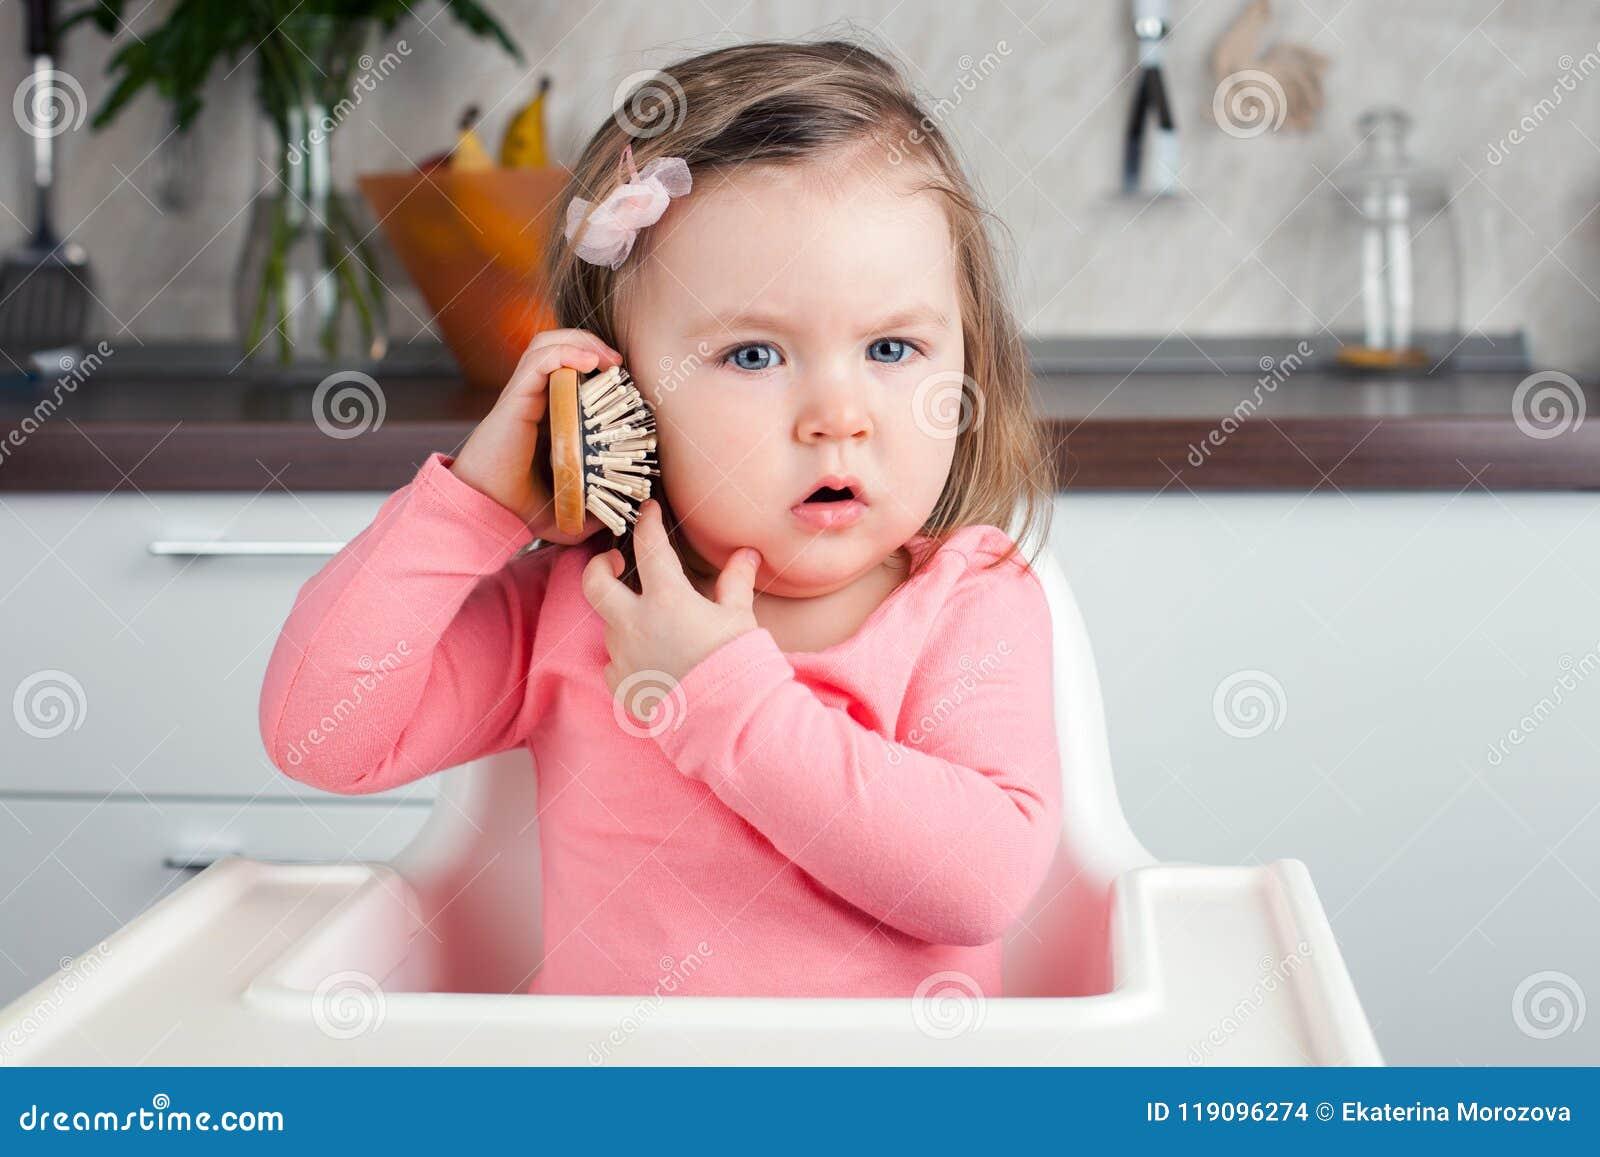 Muchacha 2 años que juegan con retratar del peine en casa - una conversación emocional sobre el teléfono